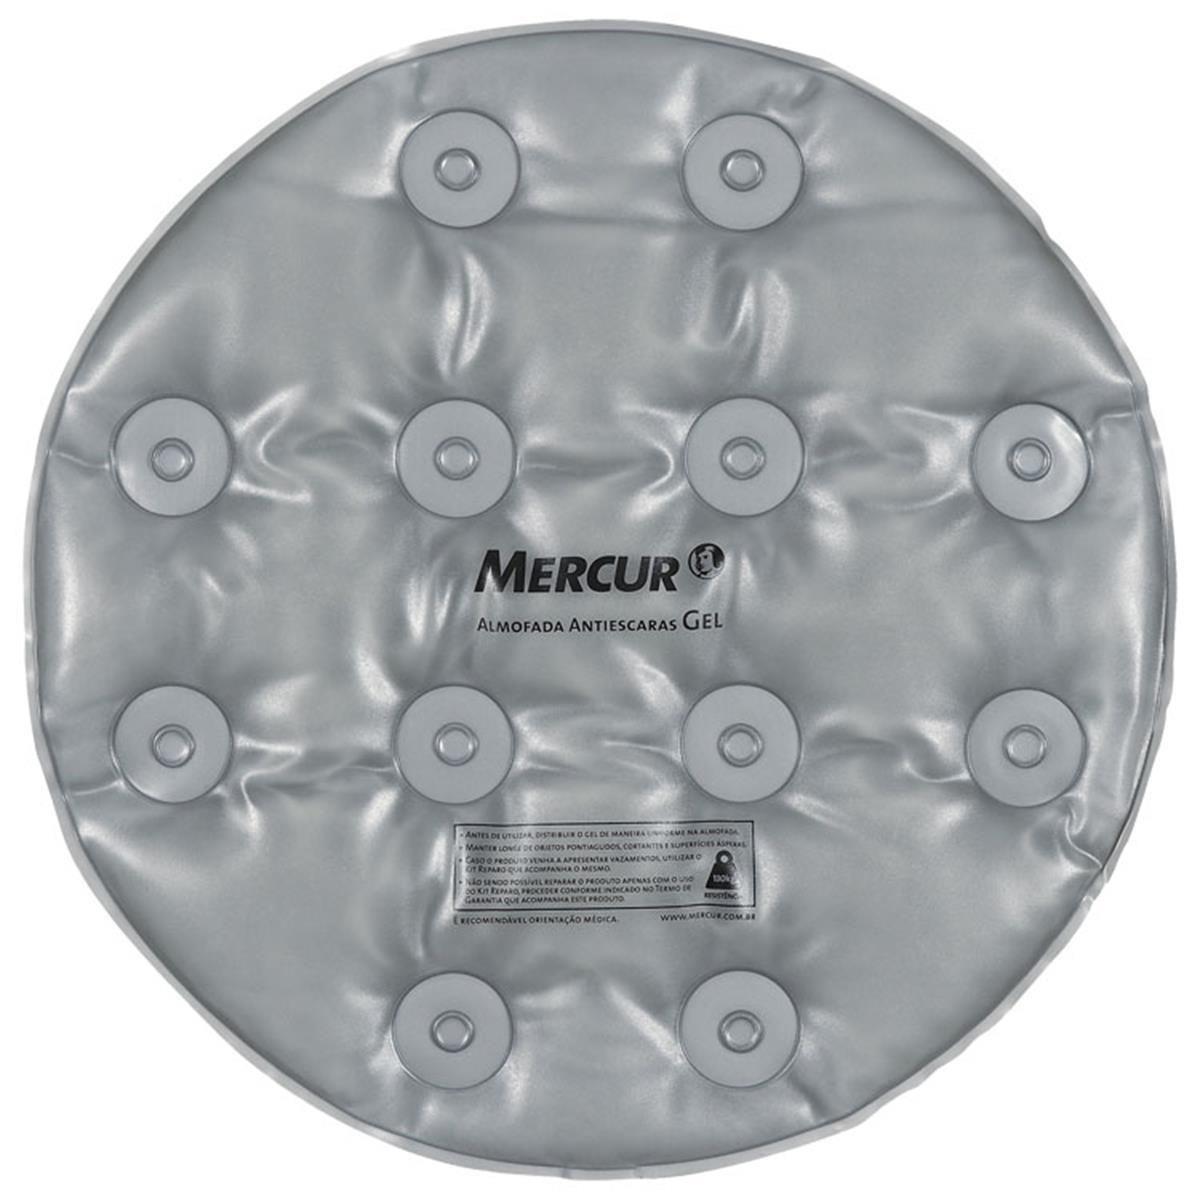 Almofada Antiescaras Inflável - Mercur BioClassi